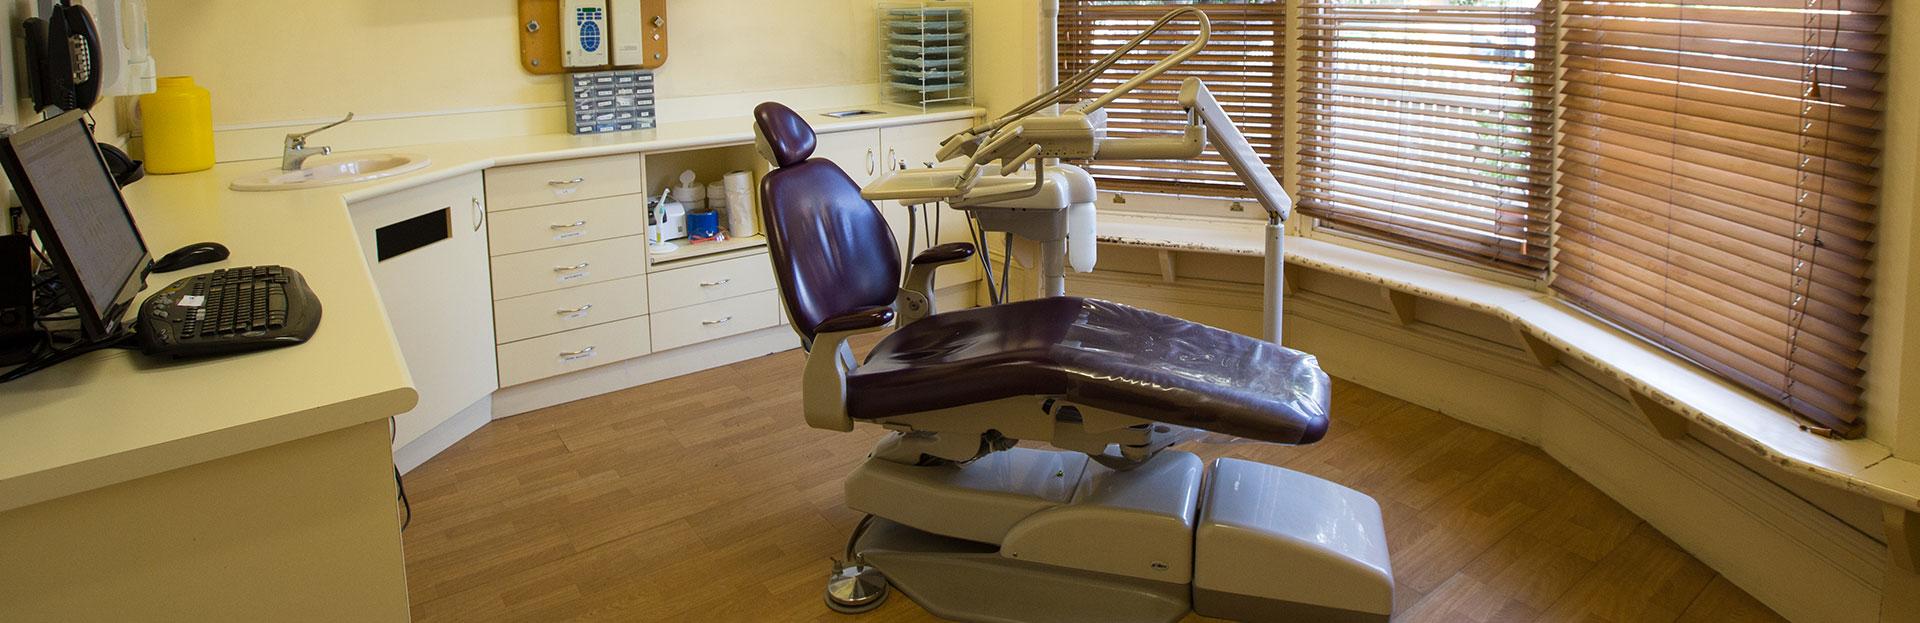 banner_dental